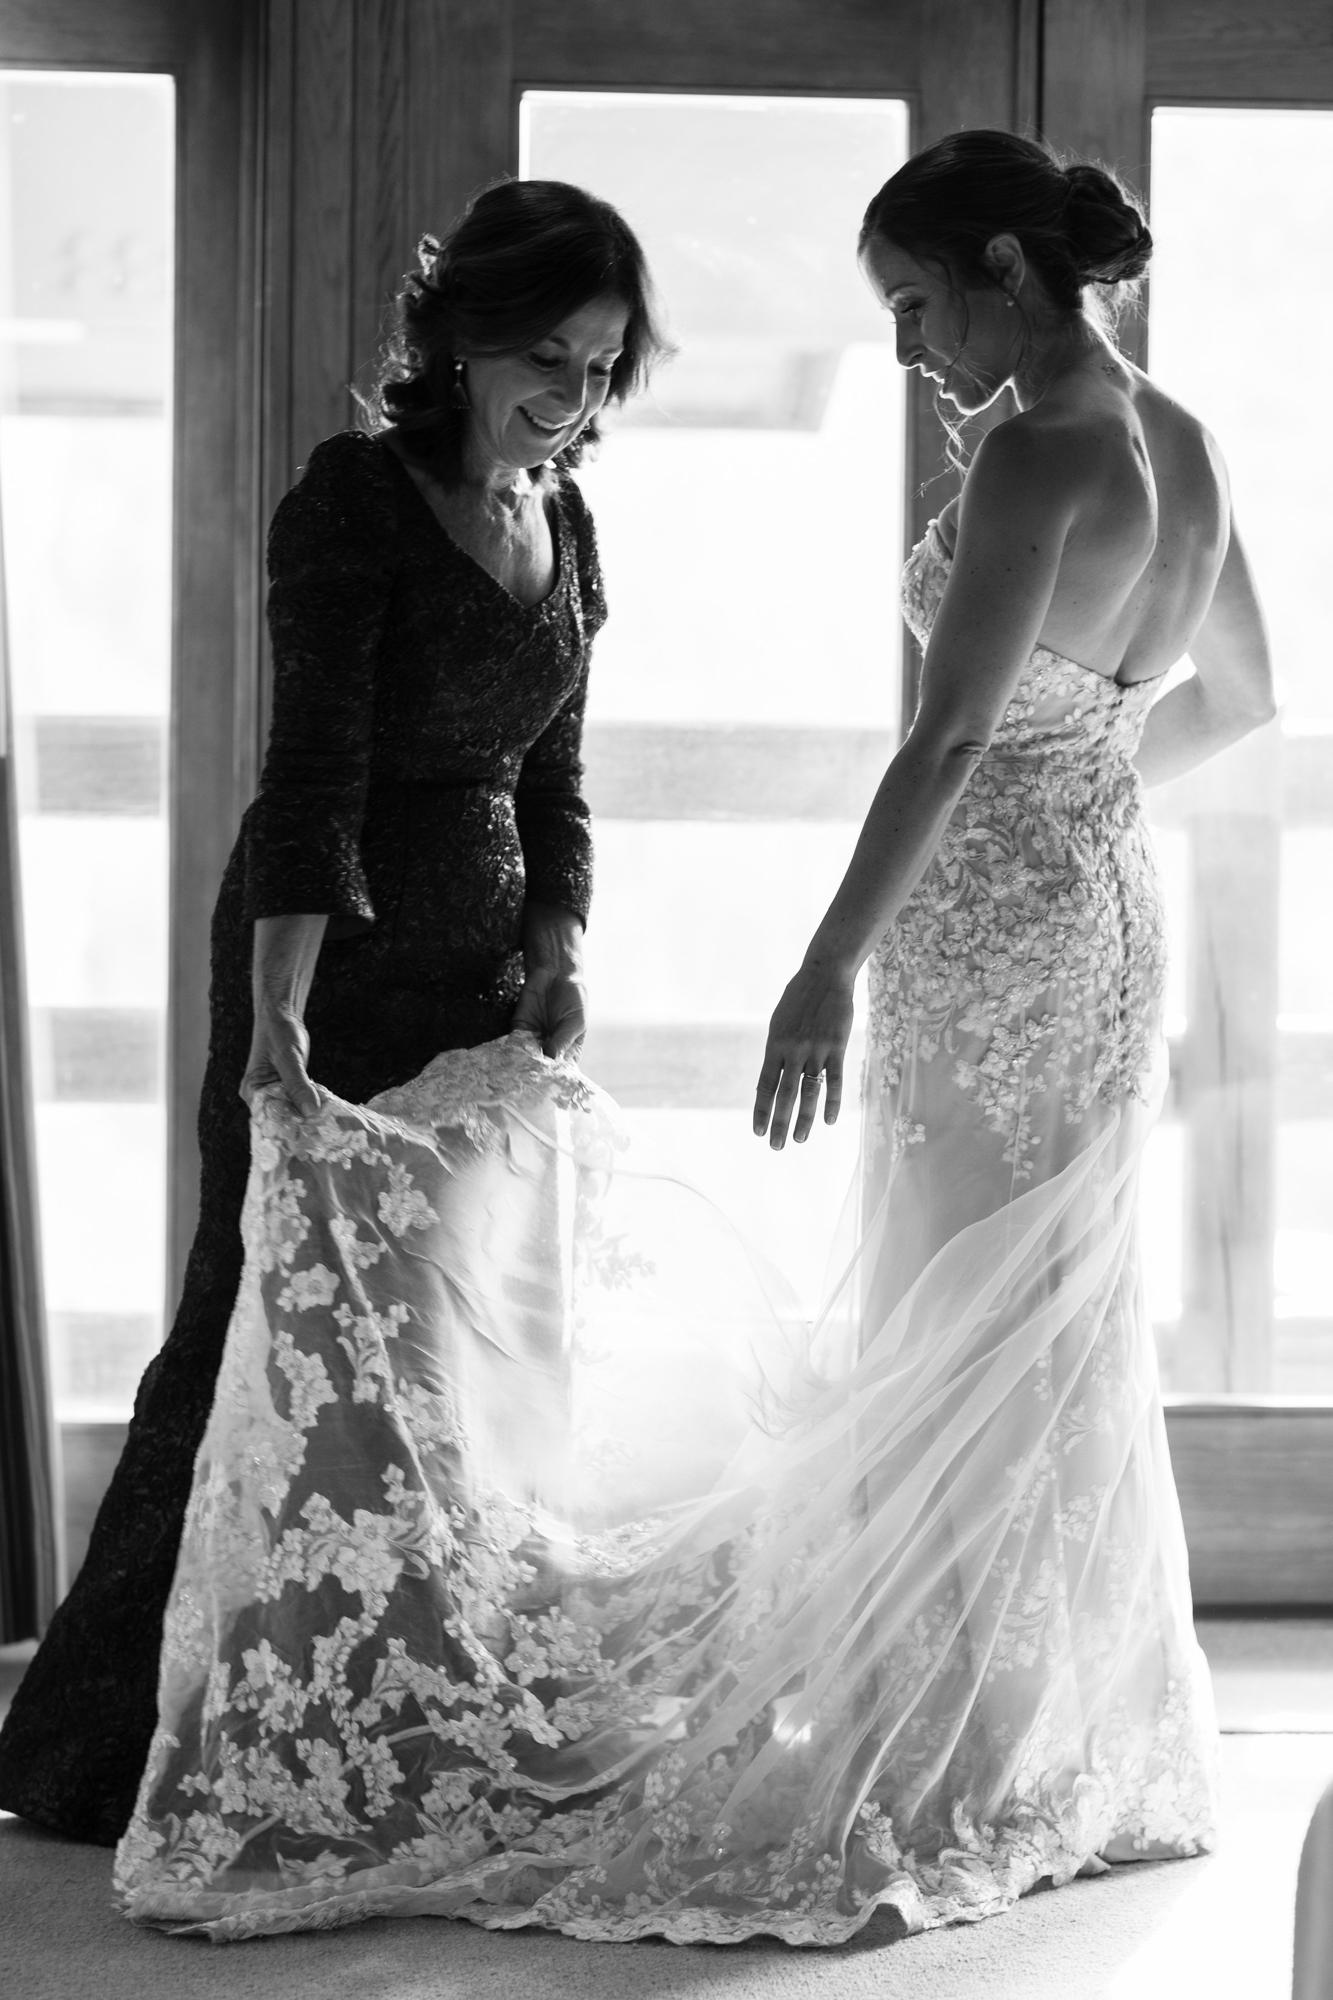 stein-eriksen-wedding-photography-7.jpg